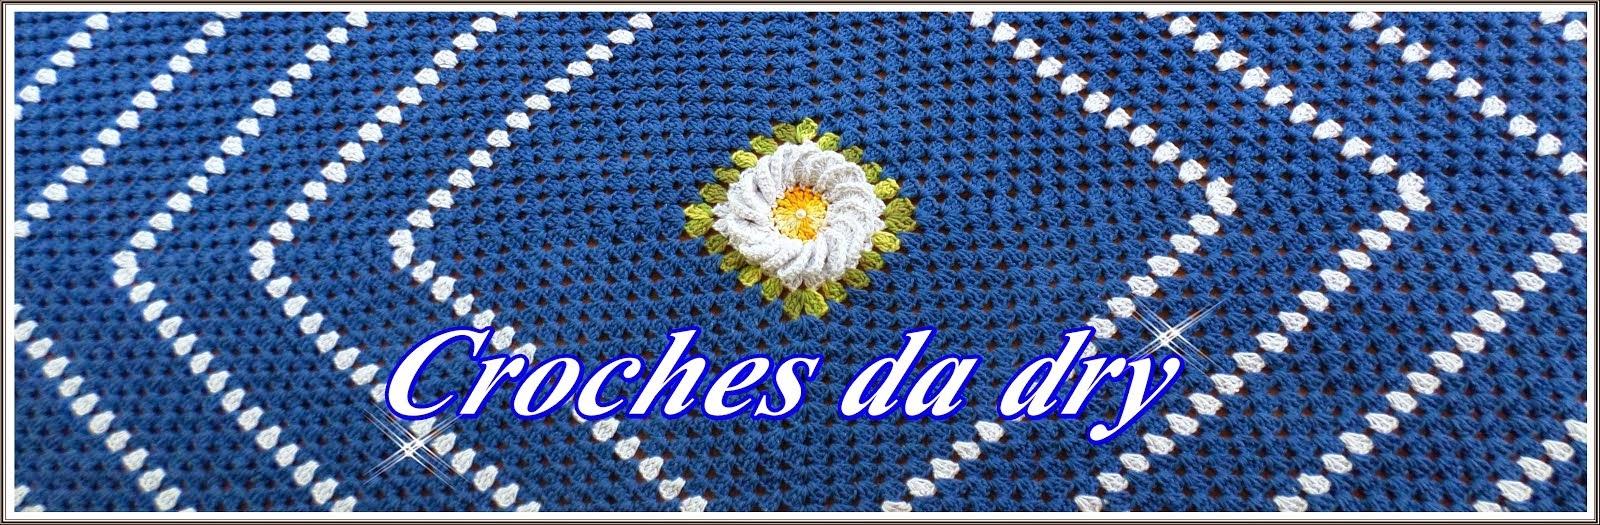 Croches da dry